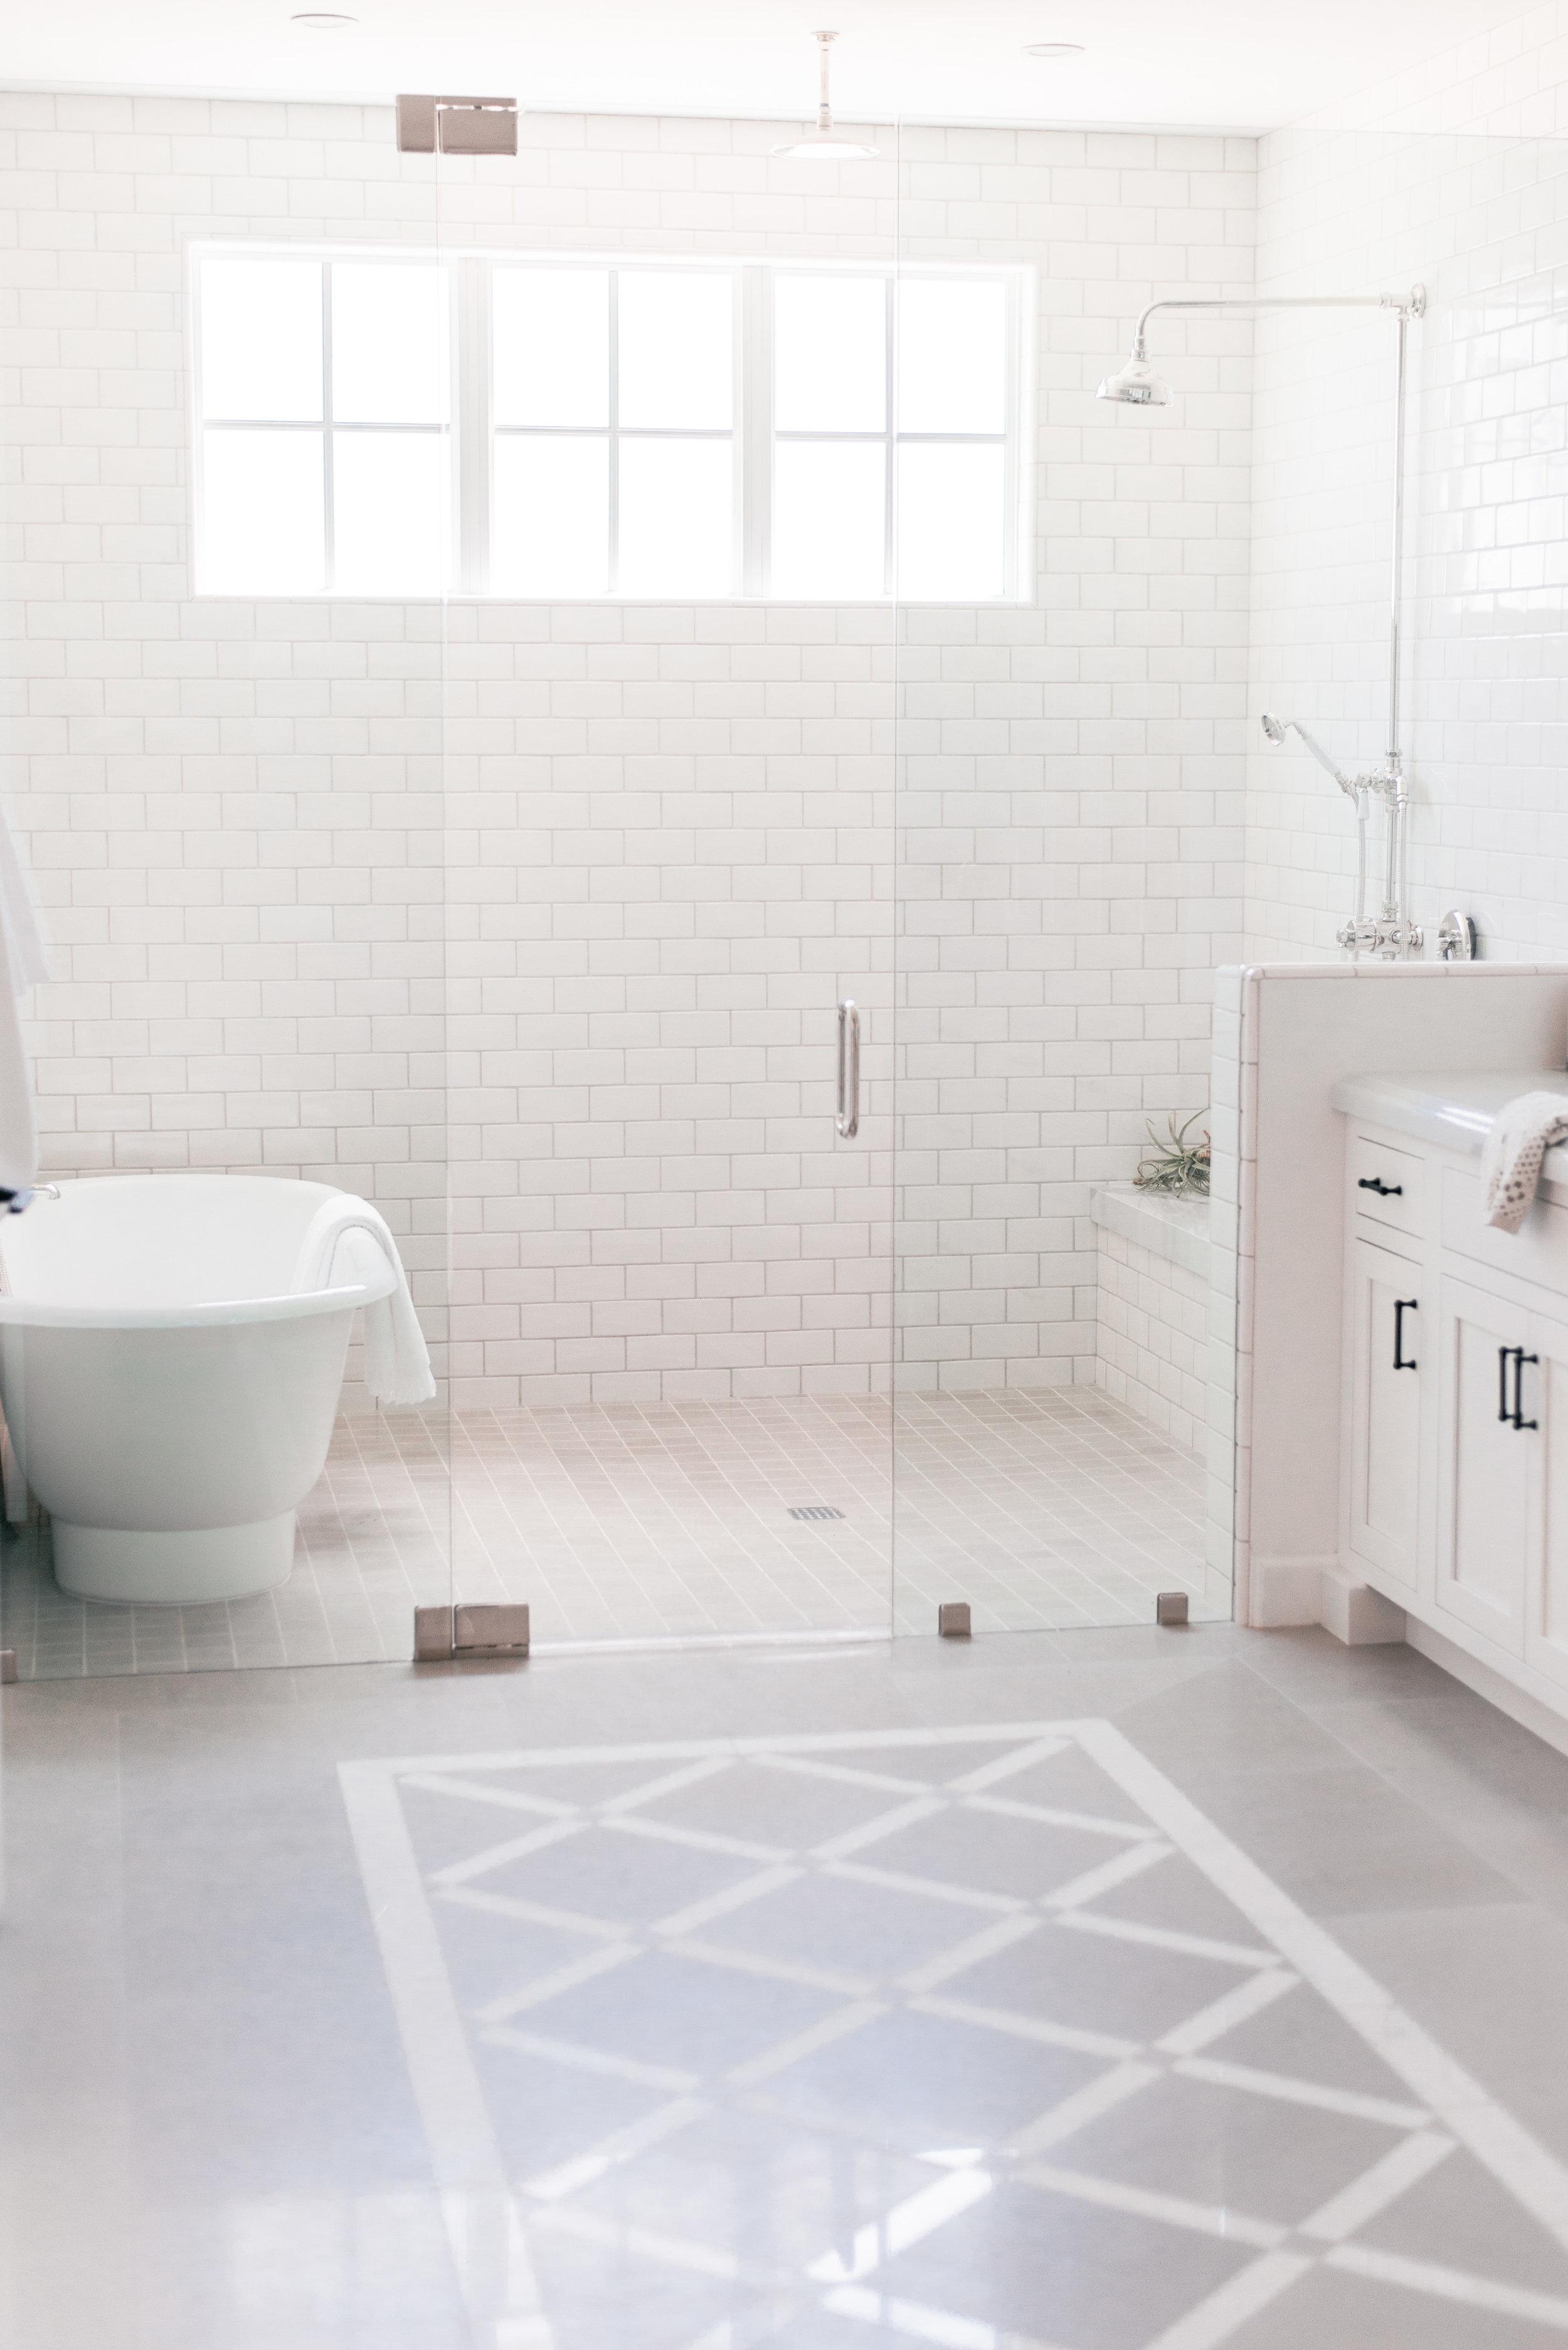 Bath Tub In Shower